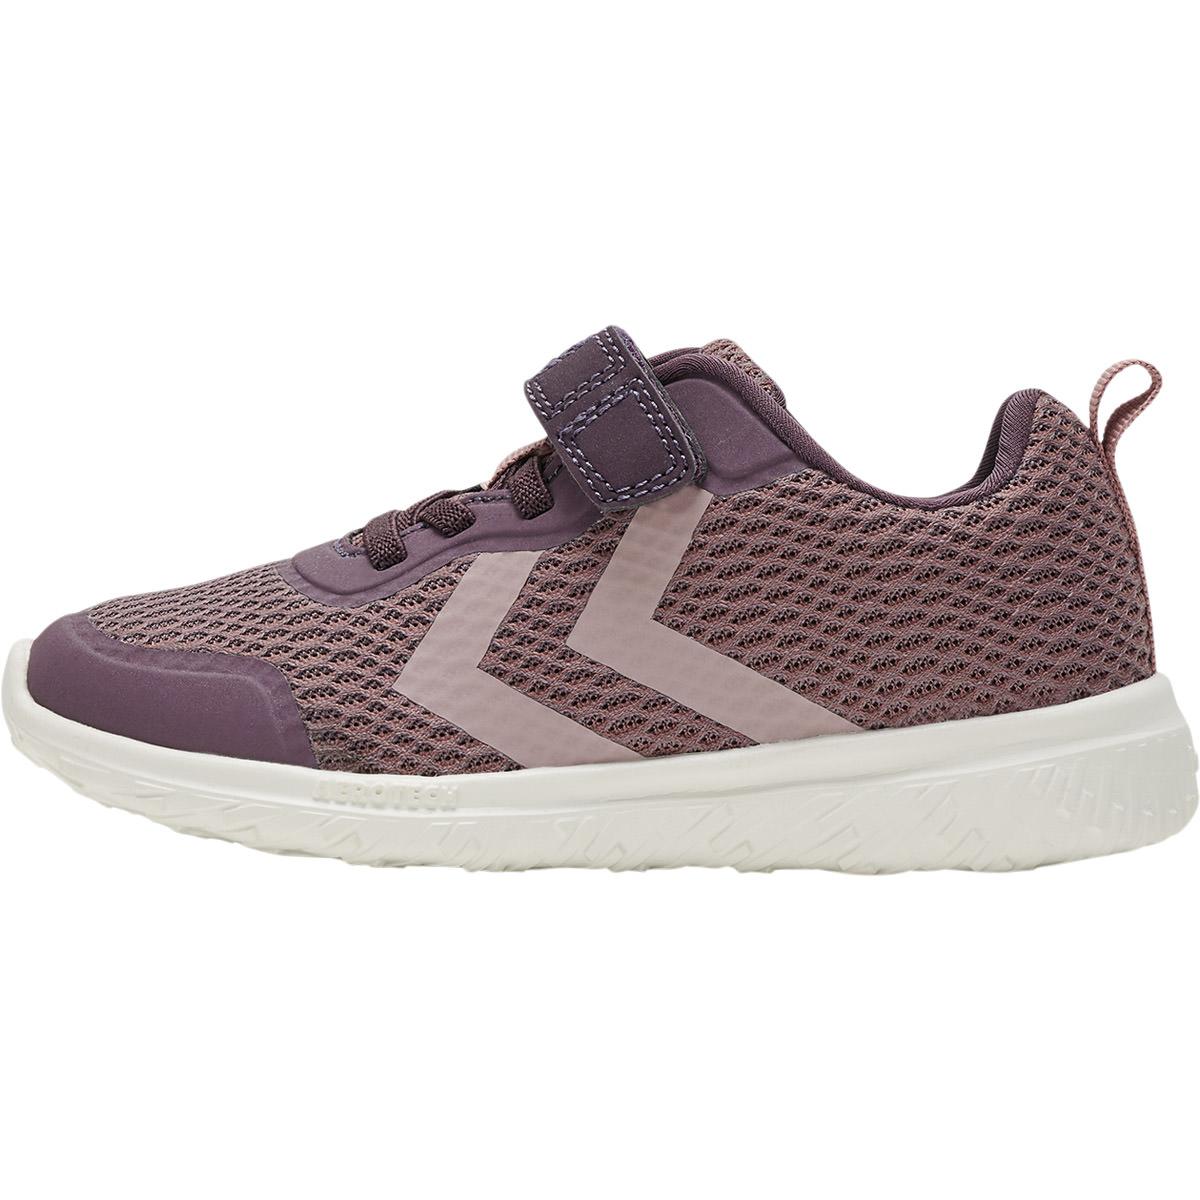 Hummel Actus Ml Infant sneakers